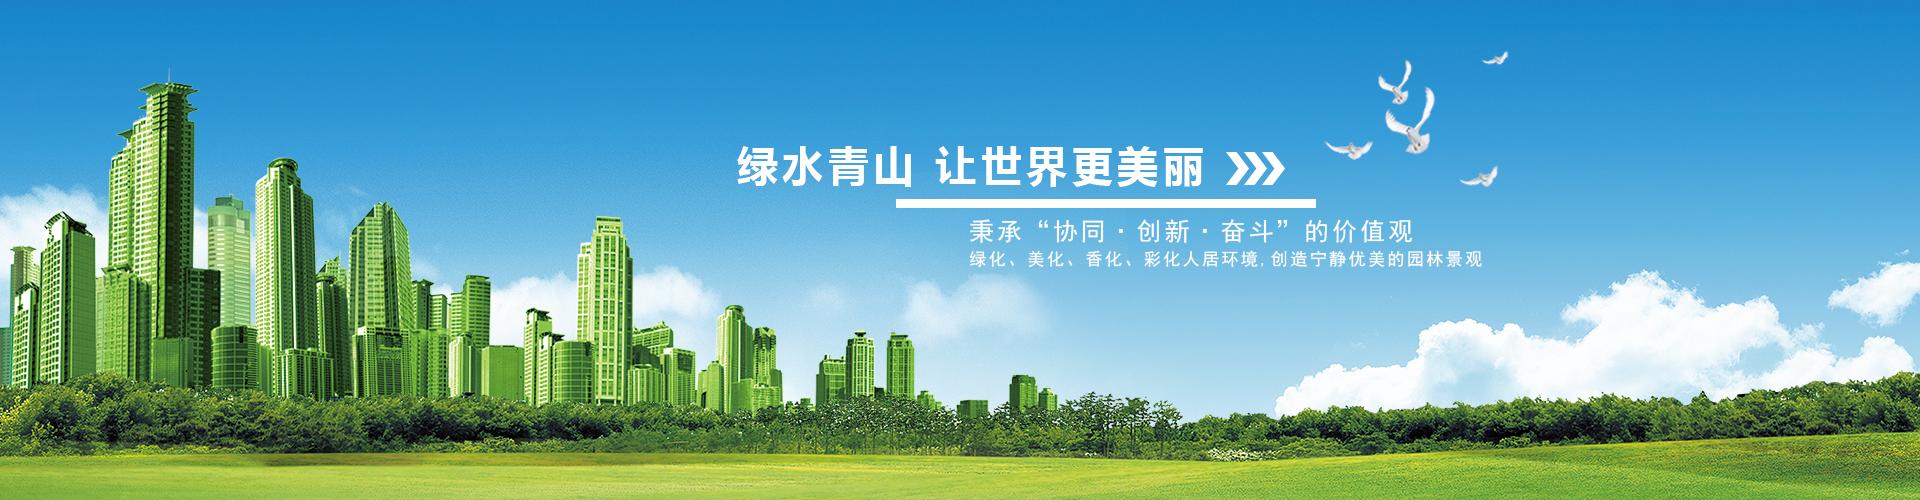 鑫鑫园林,文旅,自然风景